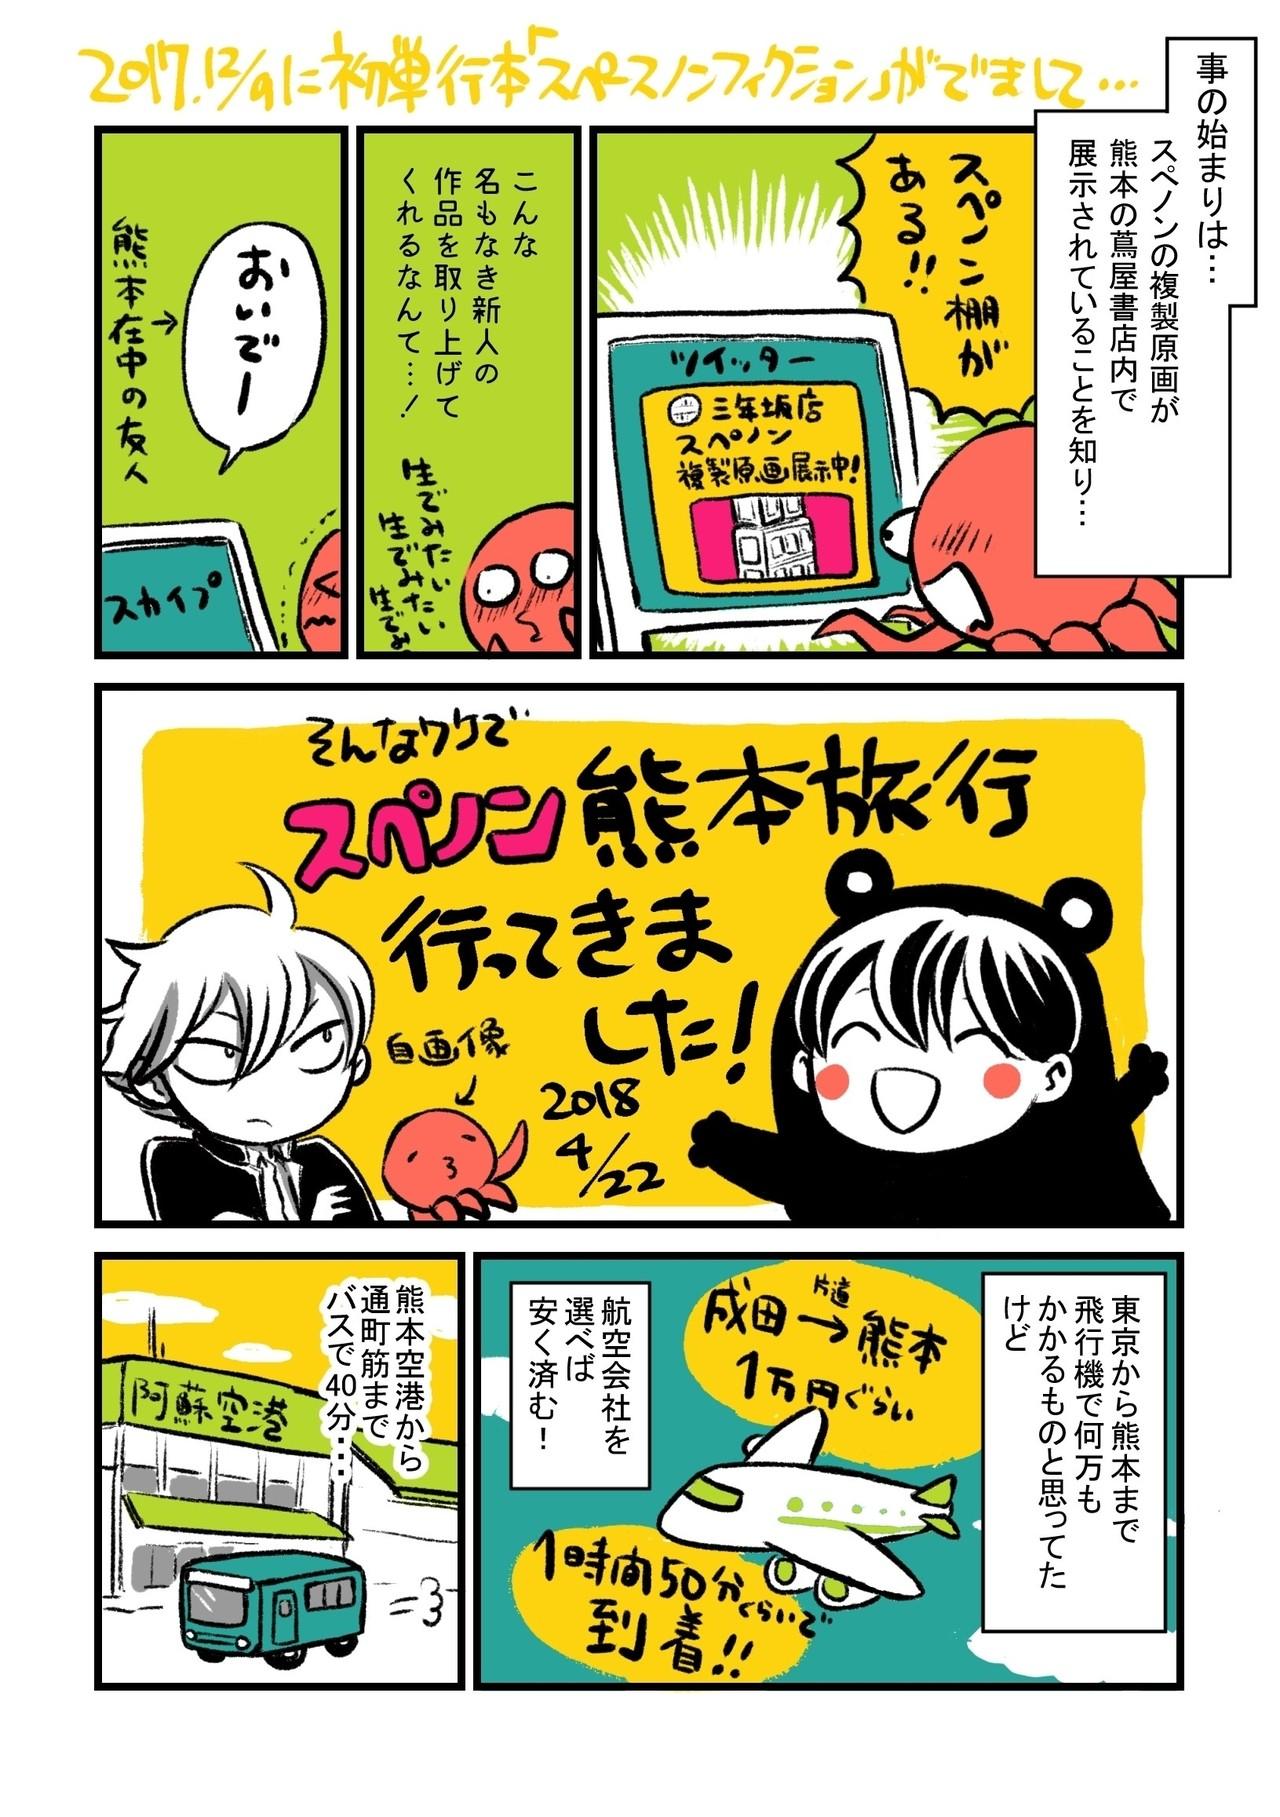 熊本旅行漫画_002